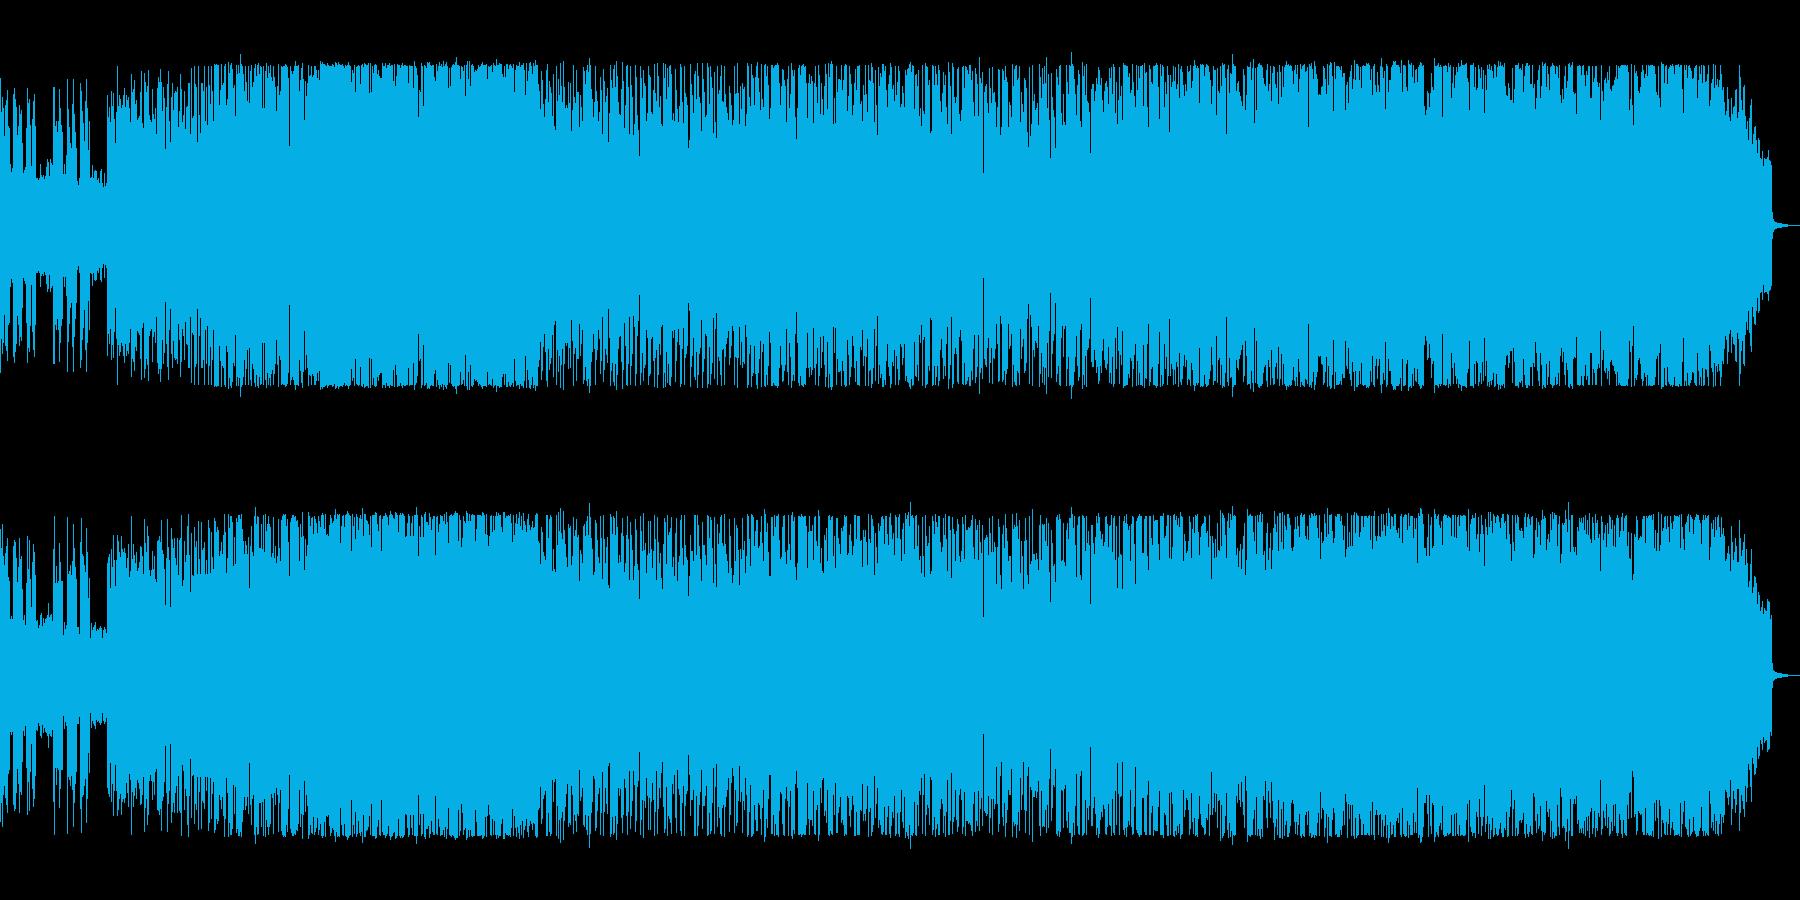 躍動感あふれるEDMの再生済みの波形